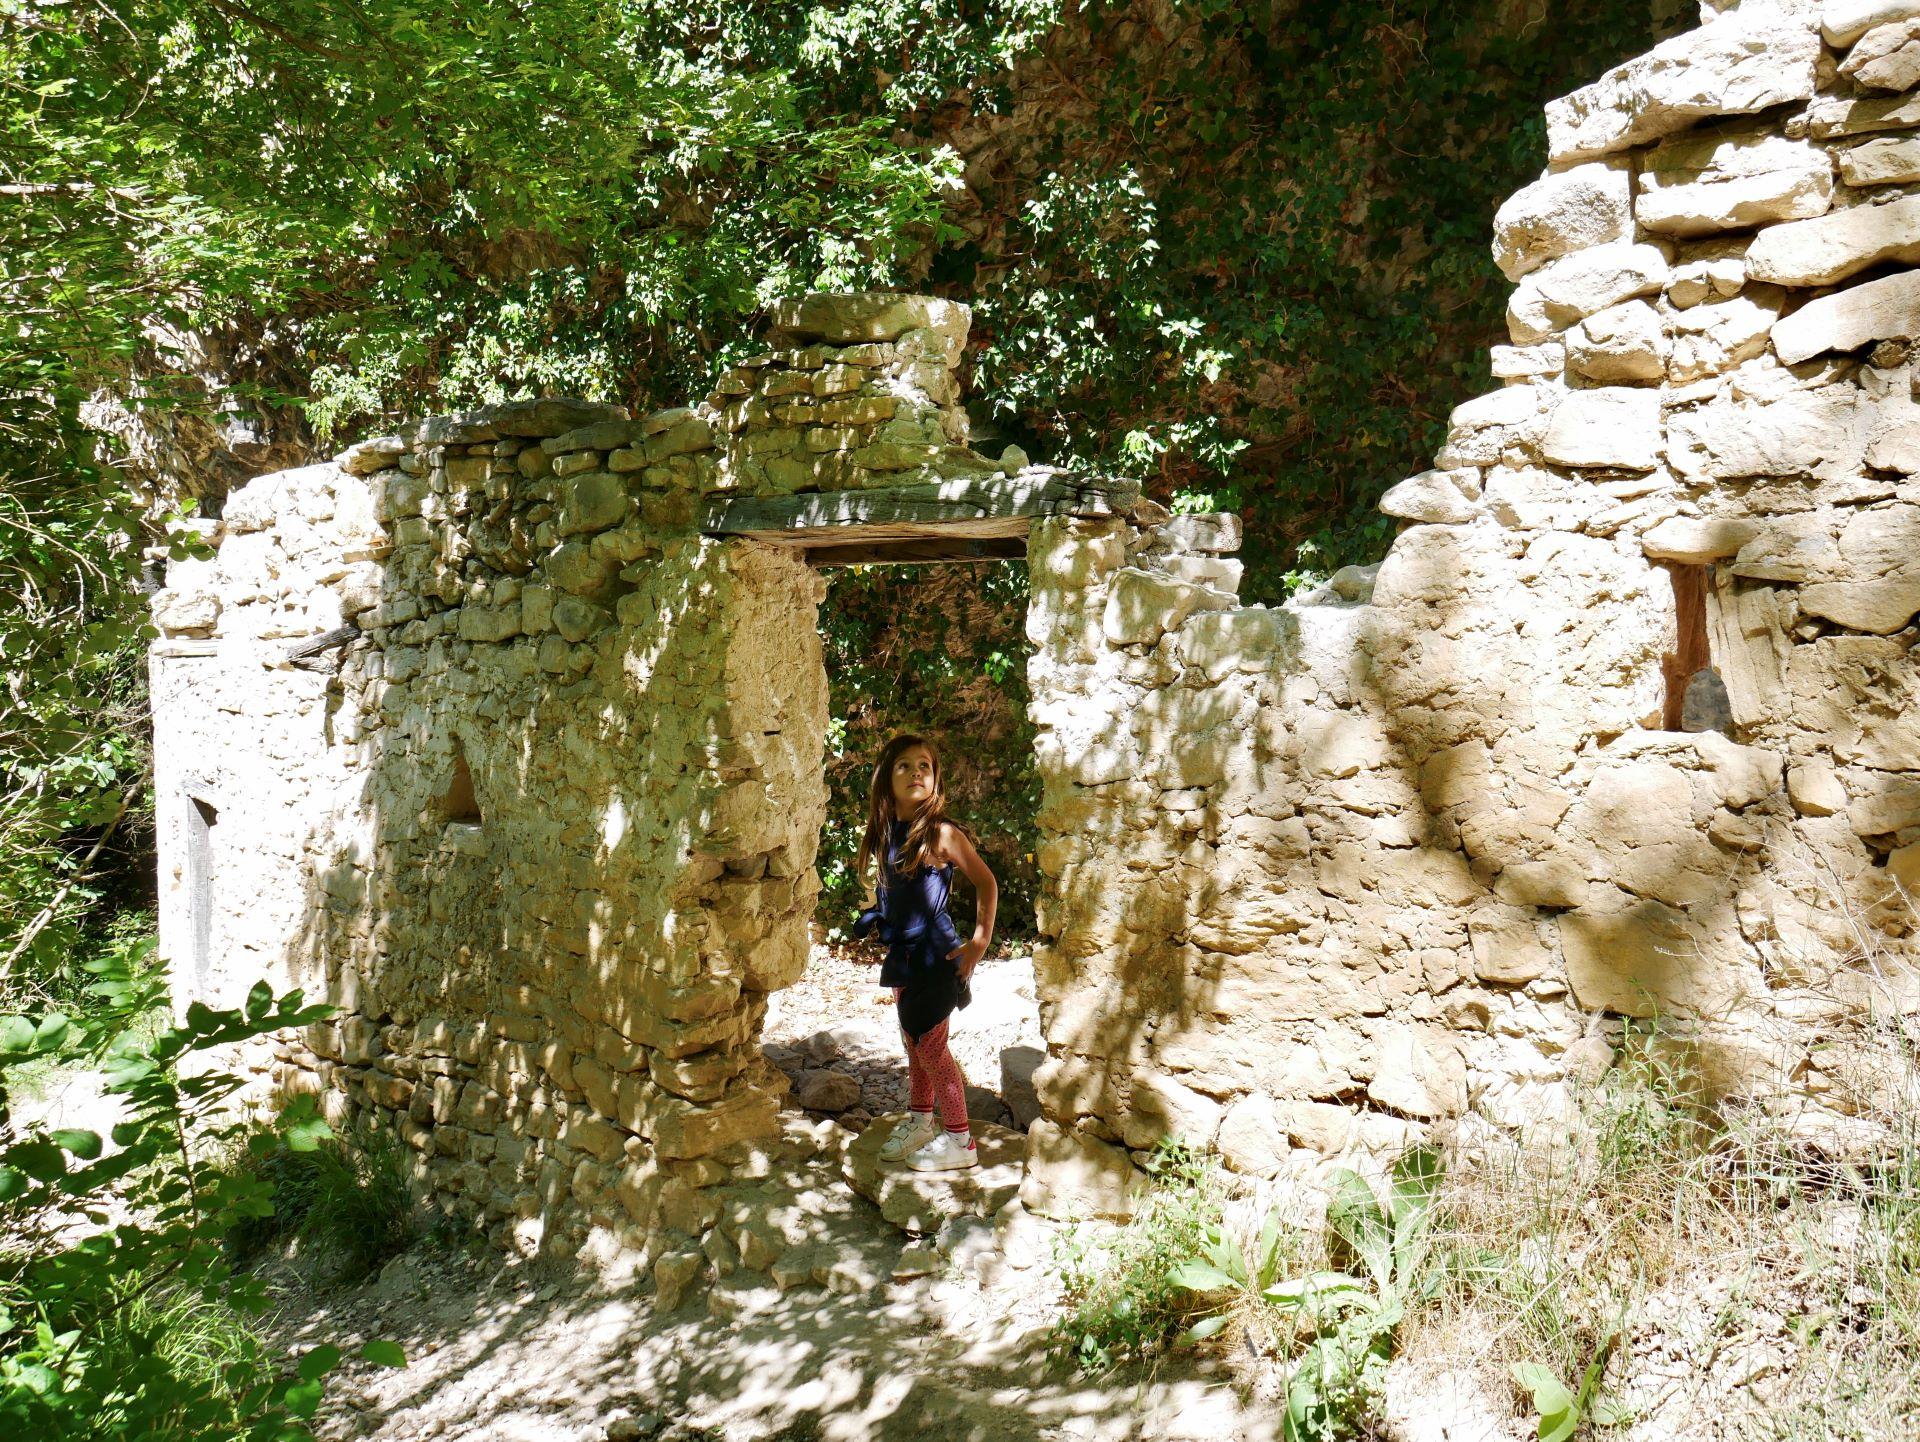 Balade drome : ruines sur le sentier d'accès à la chute de la Druise